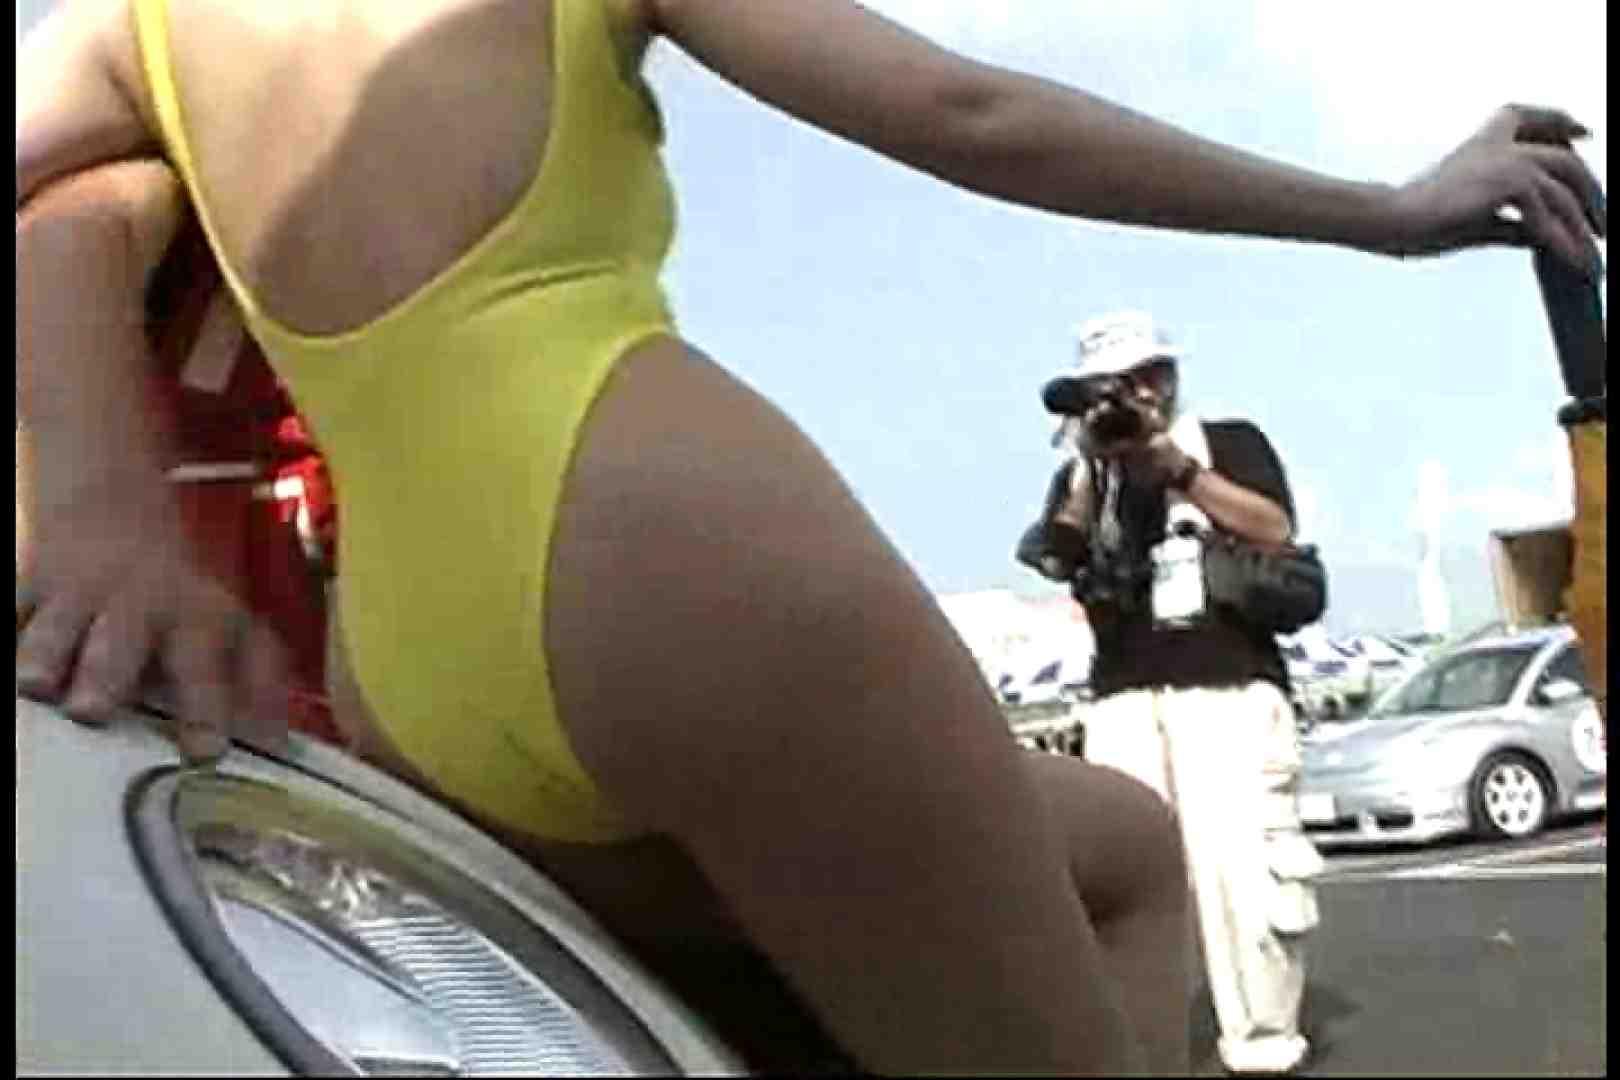 RQカメラ地獄Vol.6 いやらしいOL AV動画キャプチャ 76連発 68